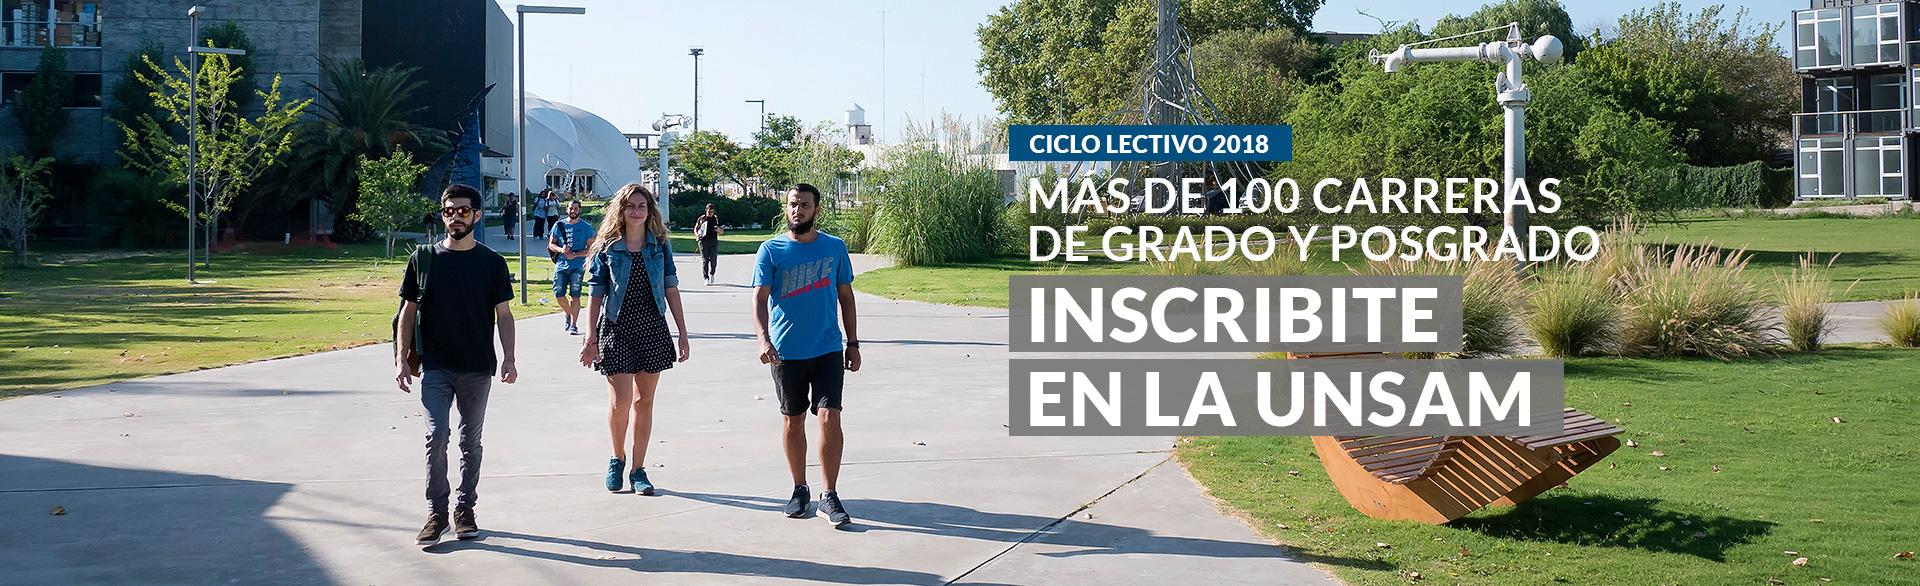 Ciclo Lectivo 2018: Inscribite en la UNSAM